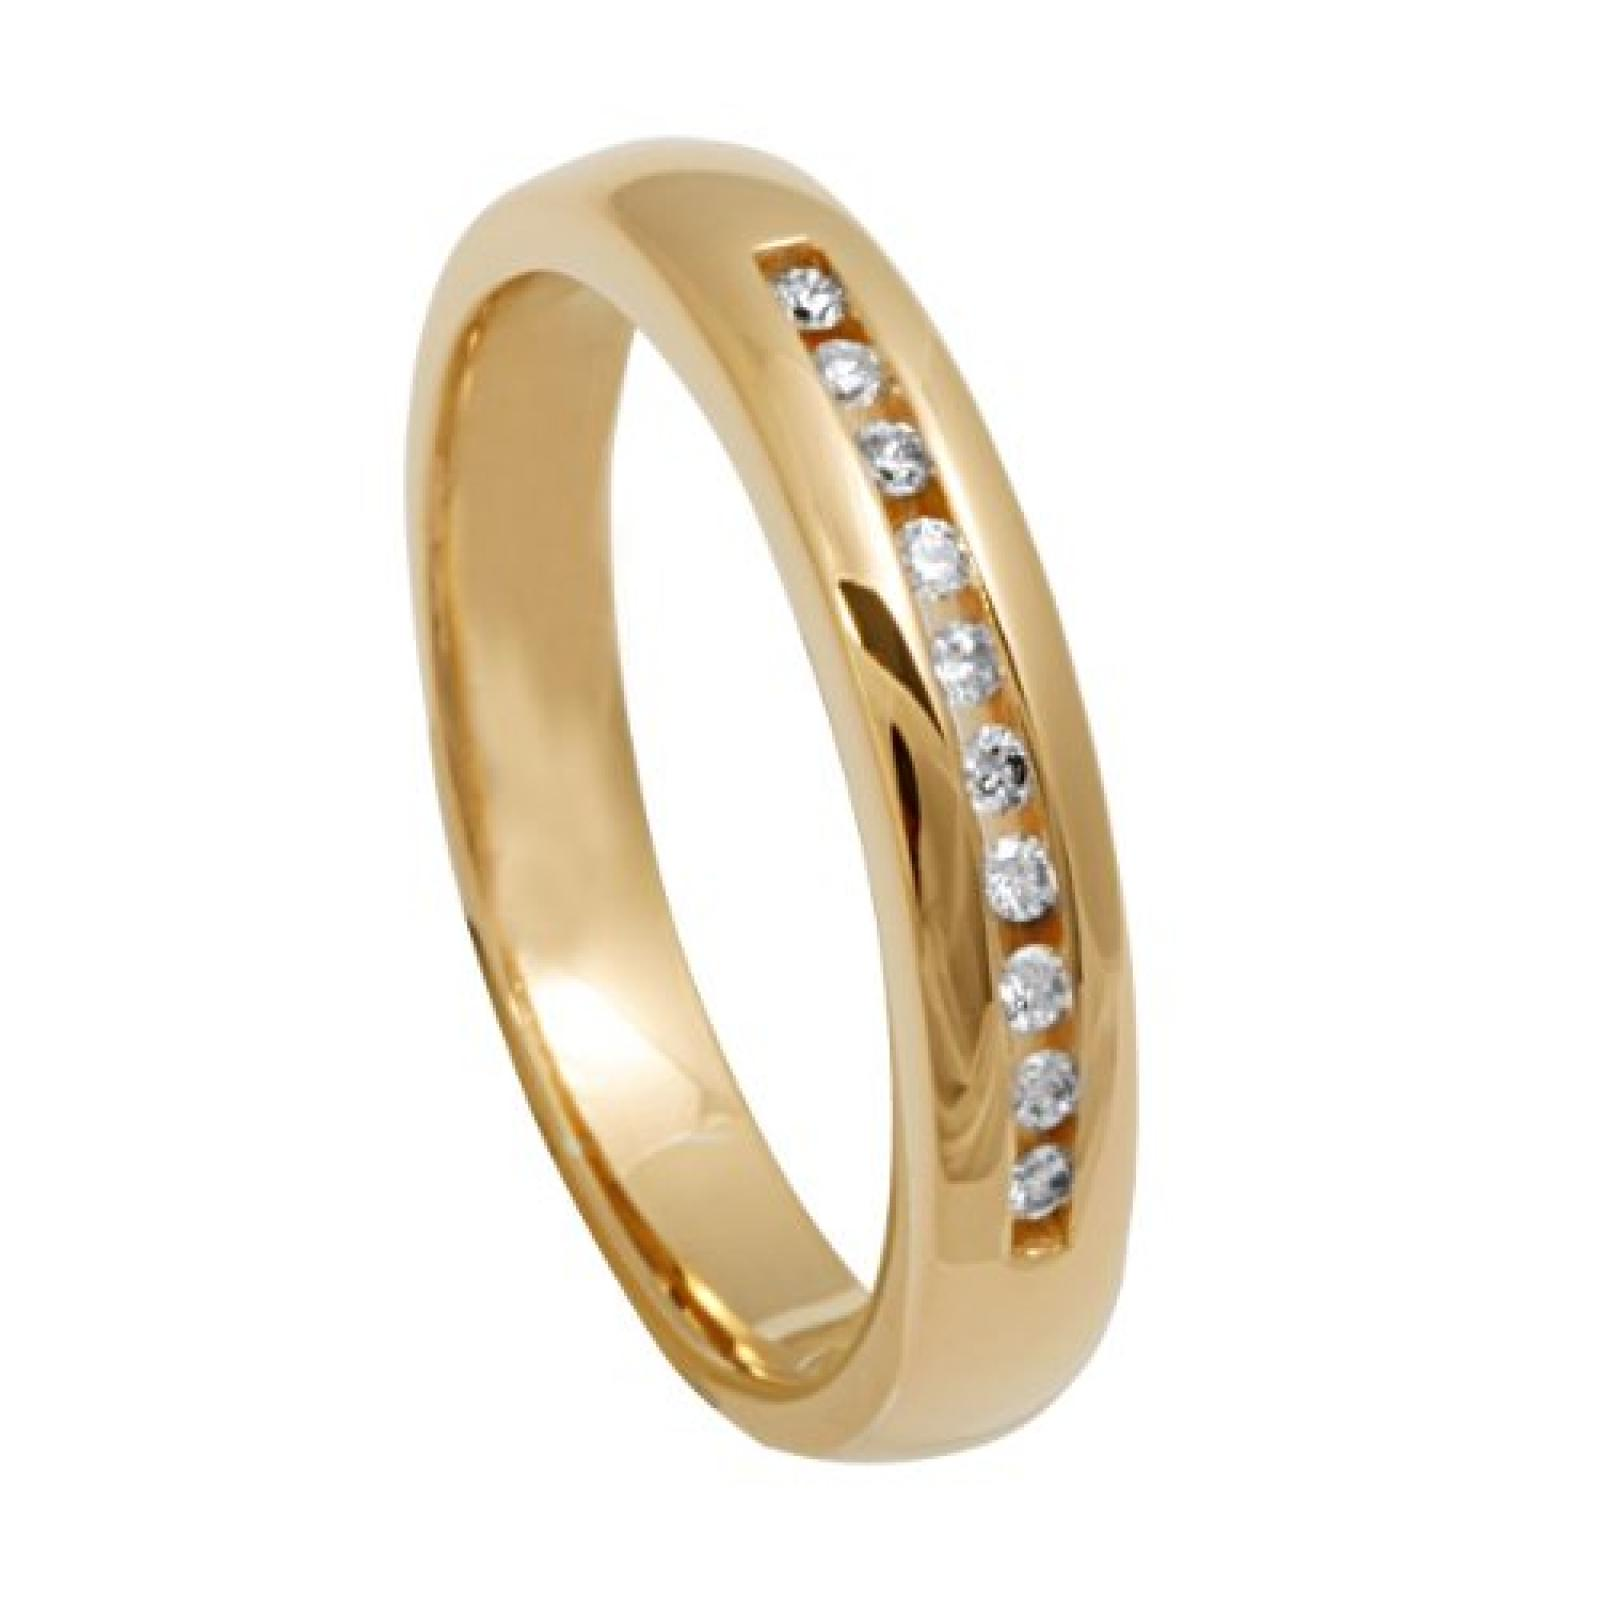 Bella Donna Damen Diamantring 333/000 Gelbgold 10 Brillanten  0,12ct. W-PI